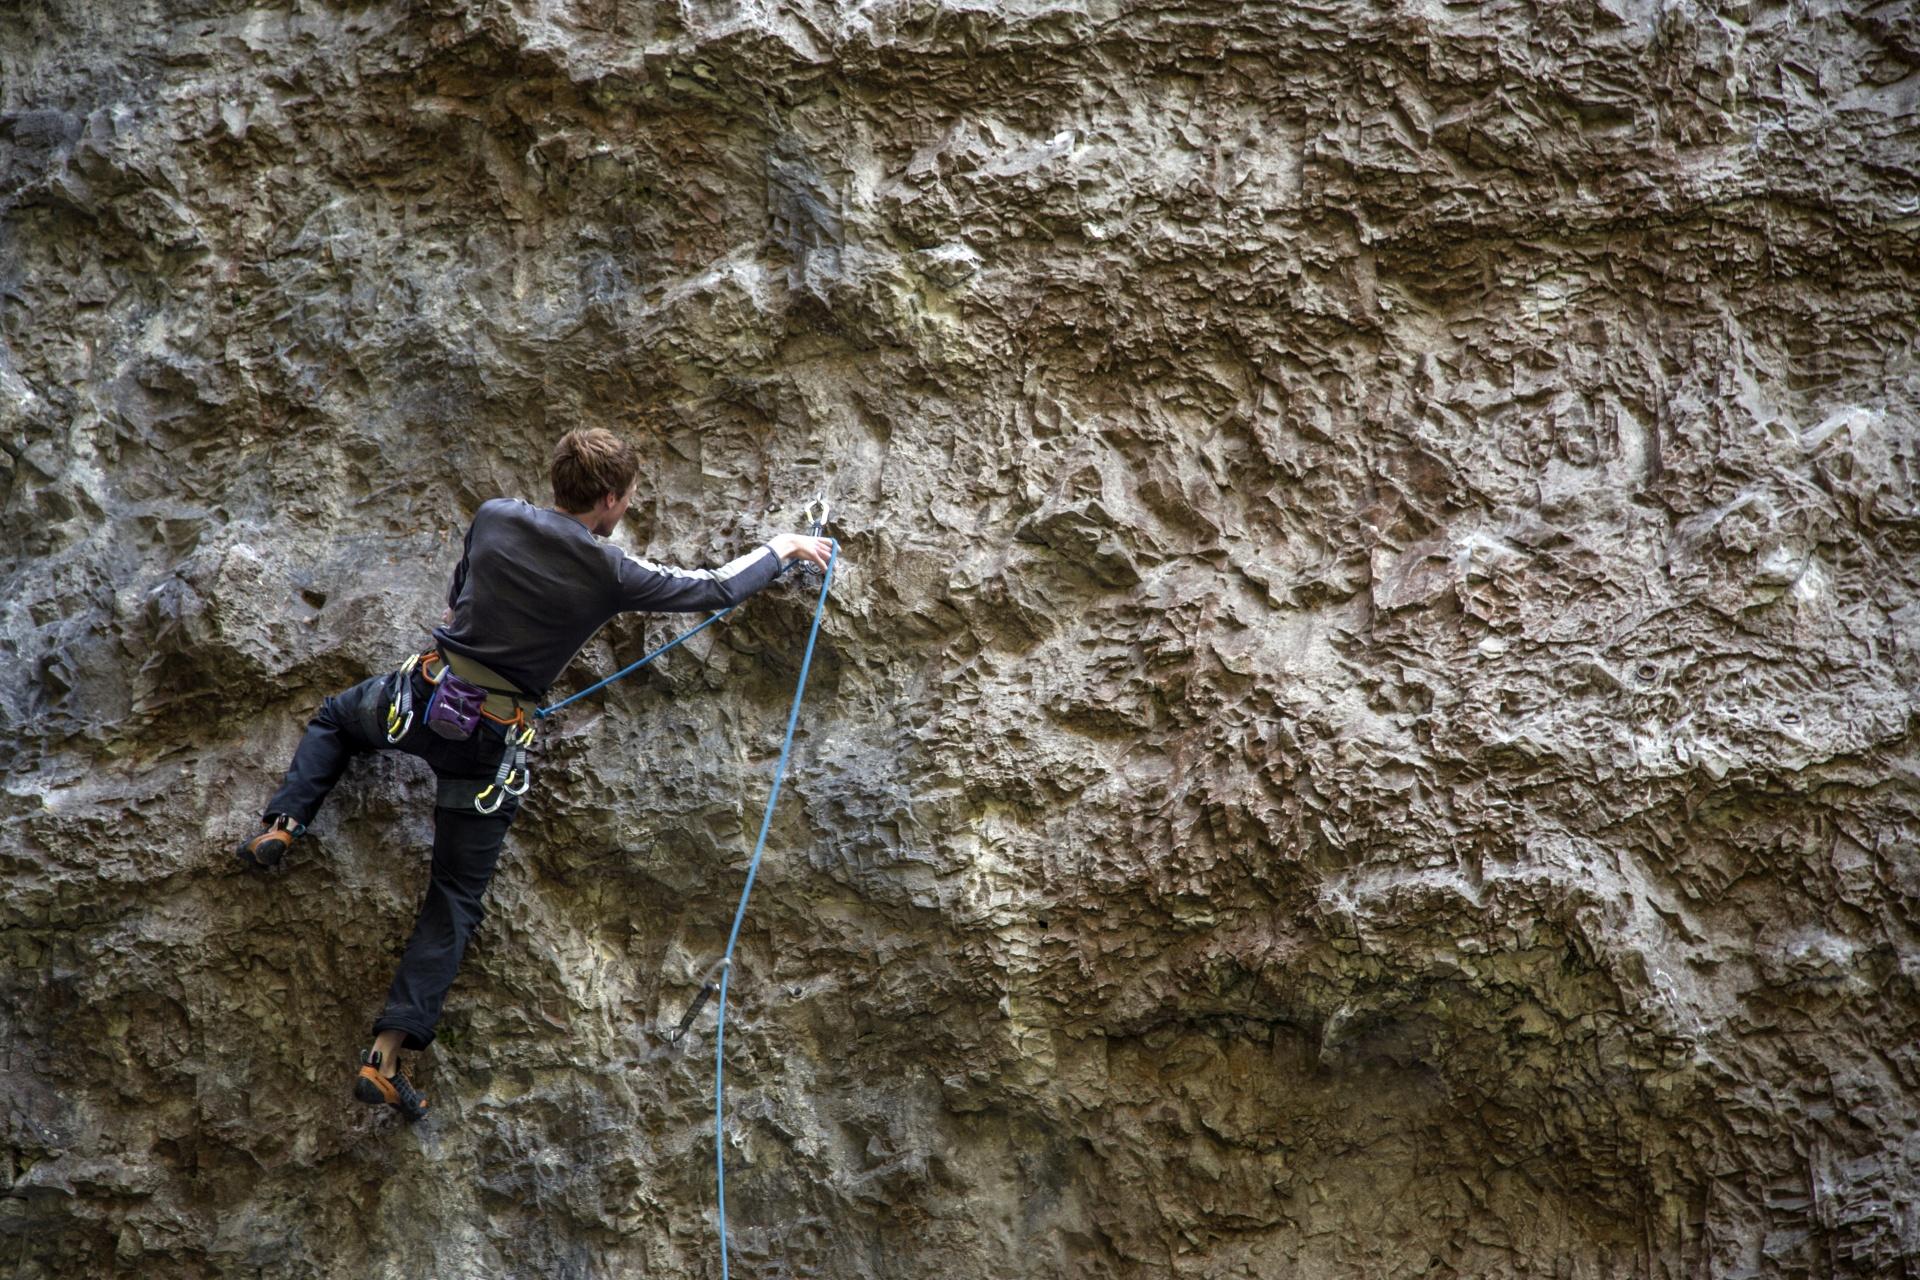 Singles indoor rock climbing